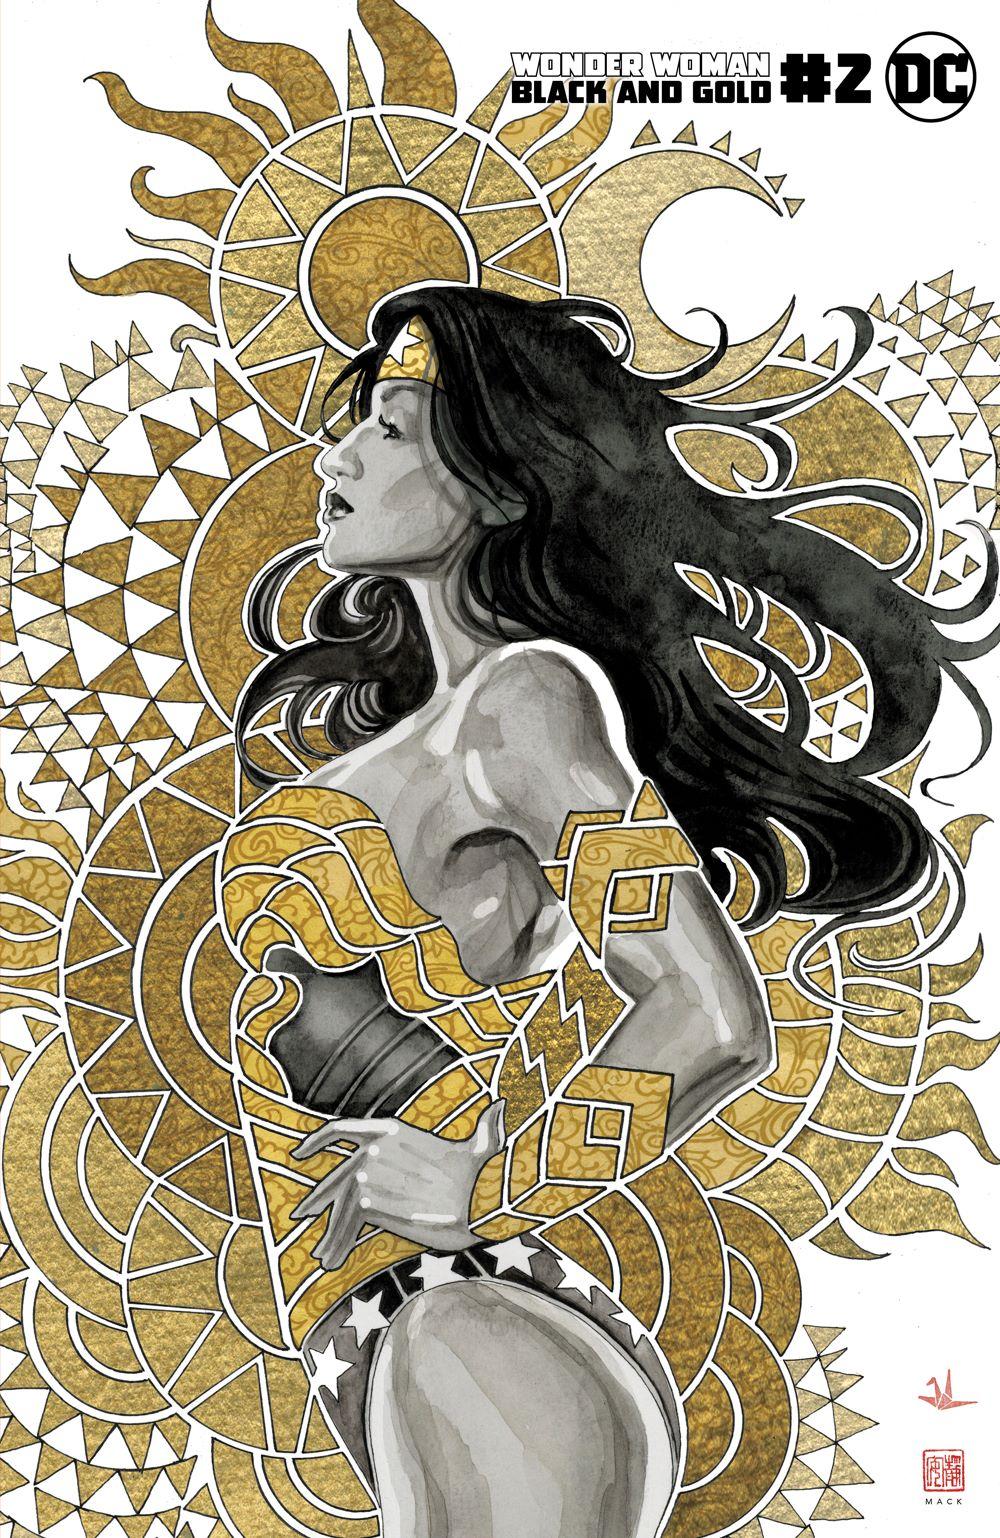 WW_BandG_Cv2_1in25_var DC Comics July 2021 Solicitations